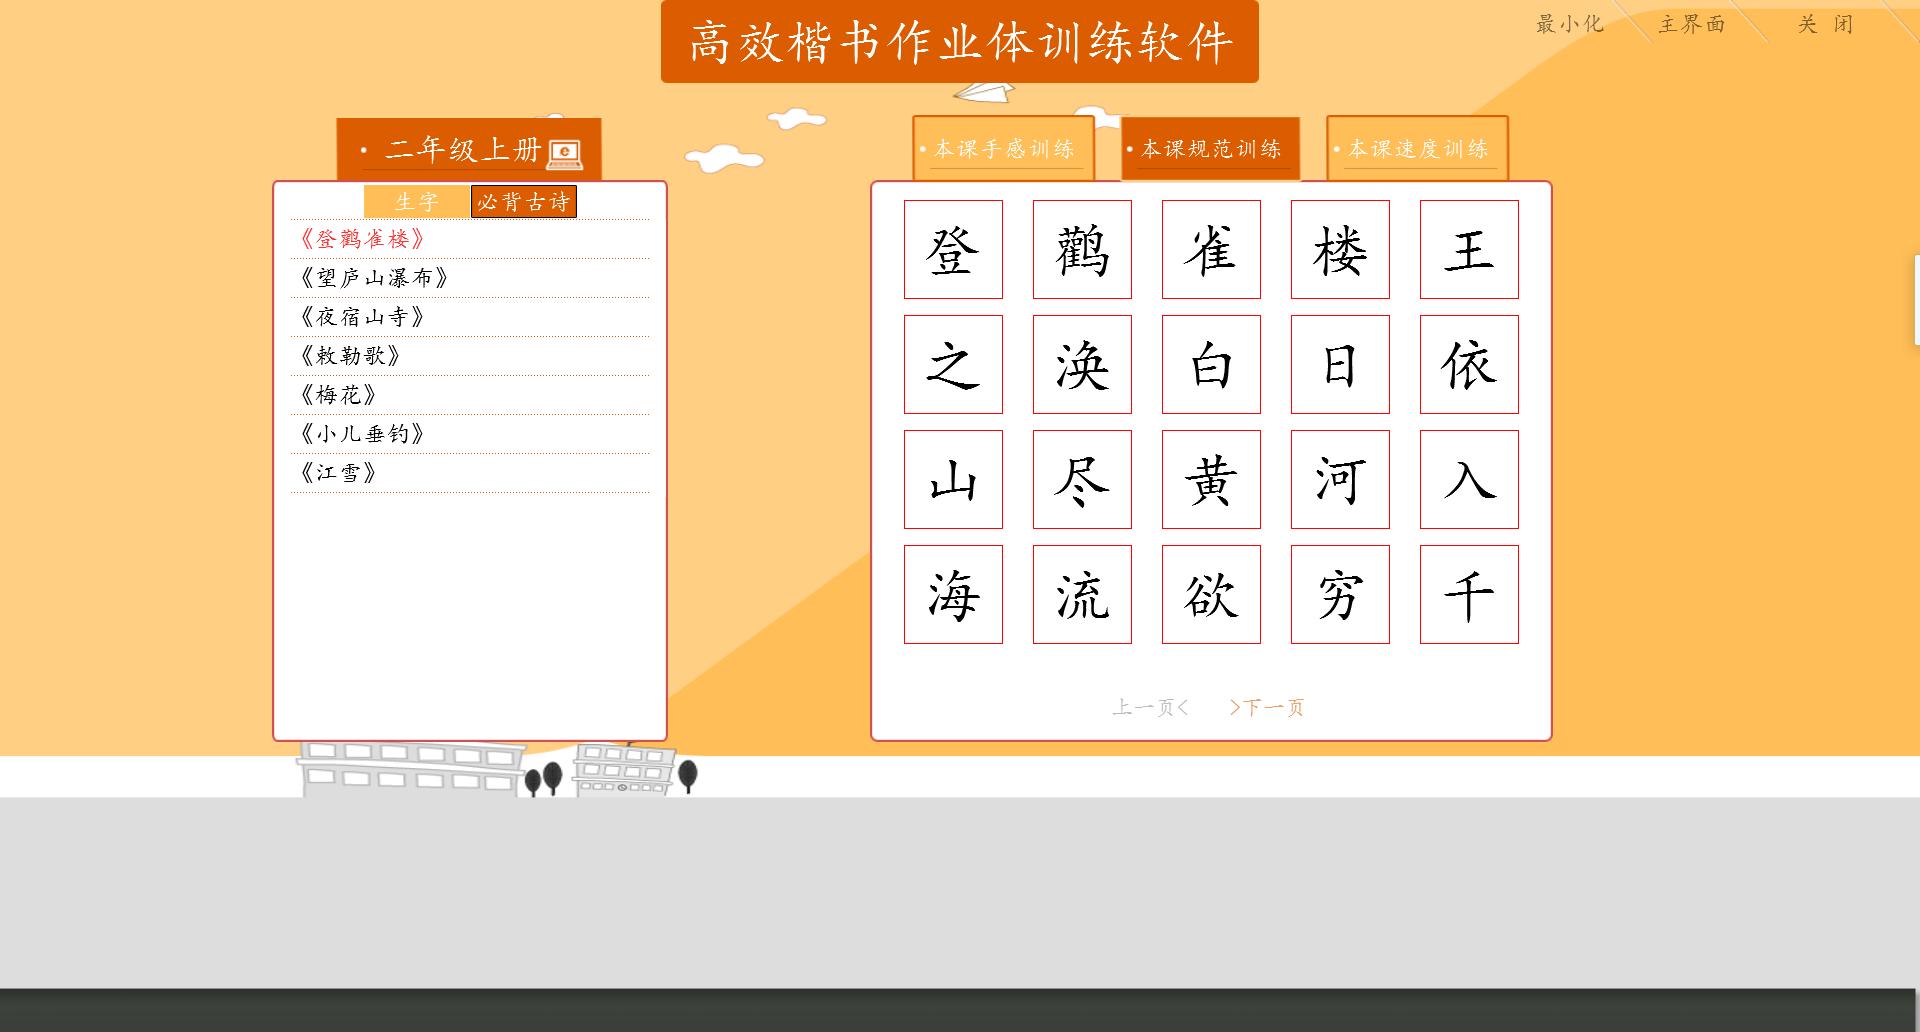 高效楷书作业体同步训练软件(二年级)截图2